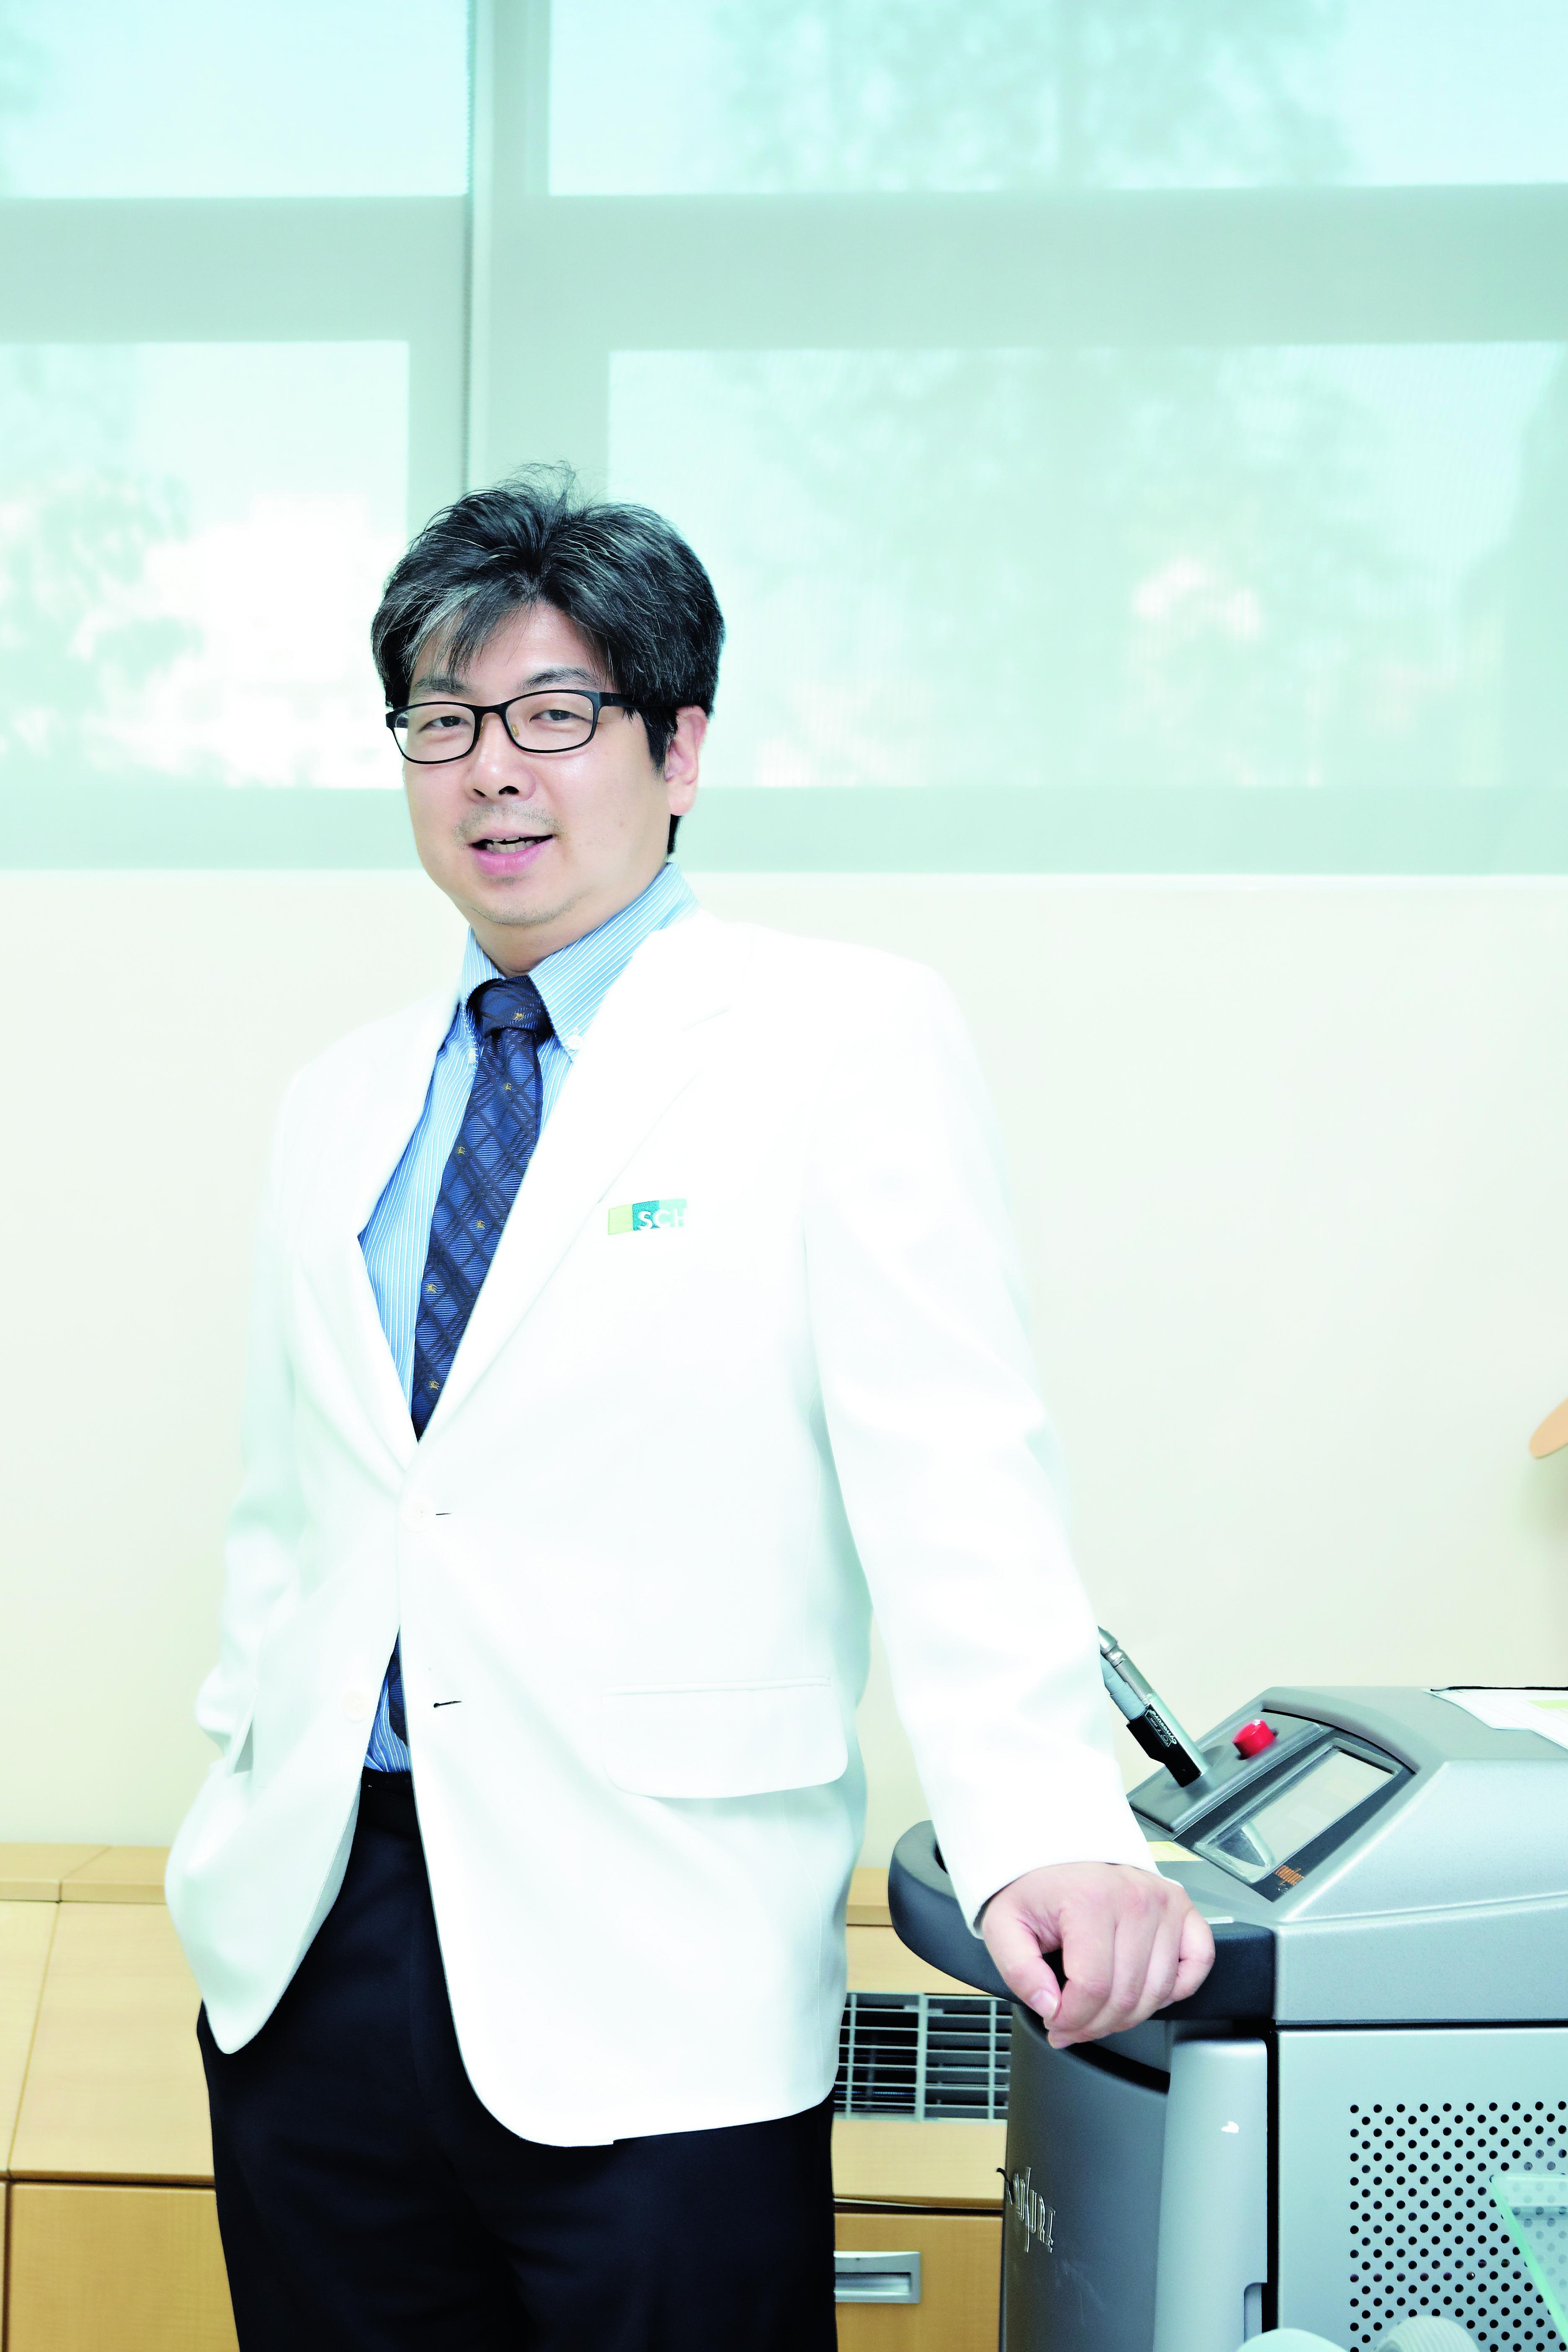 Park Eunsoo